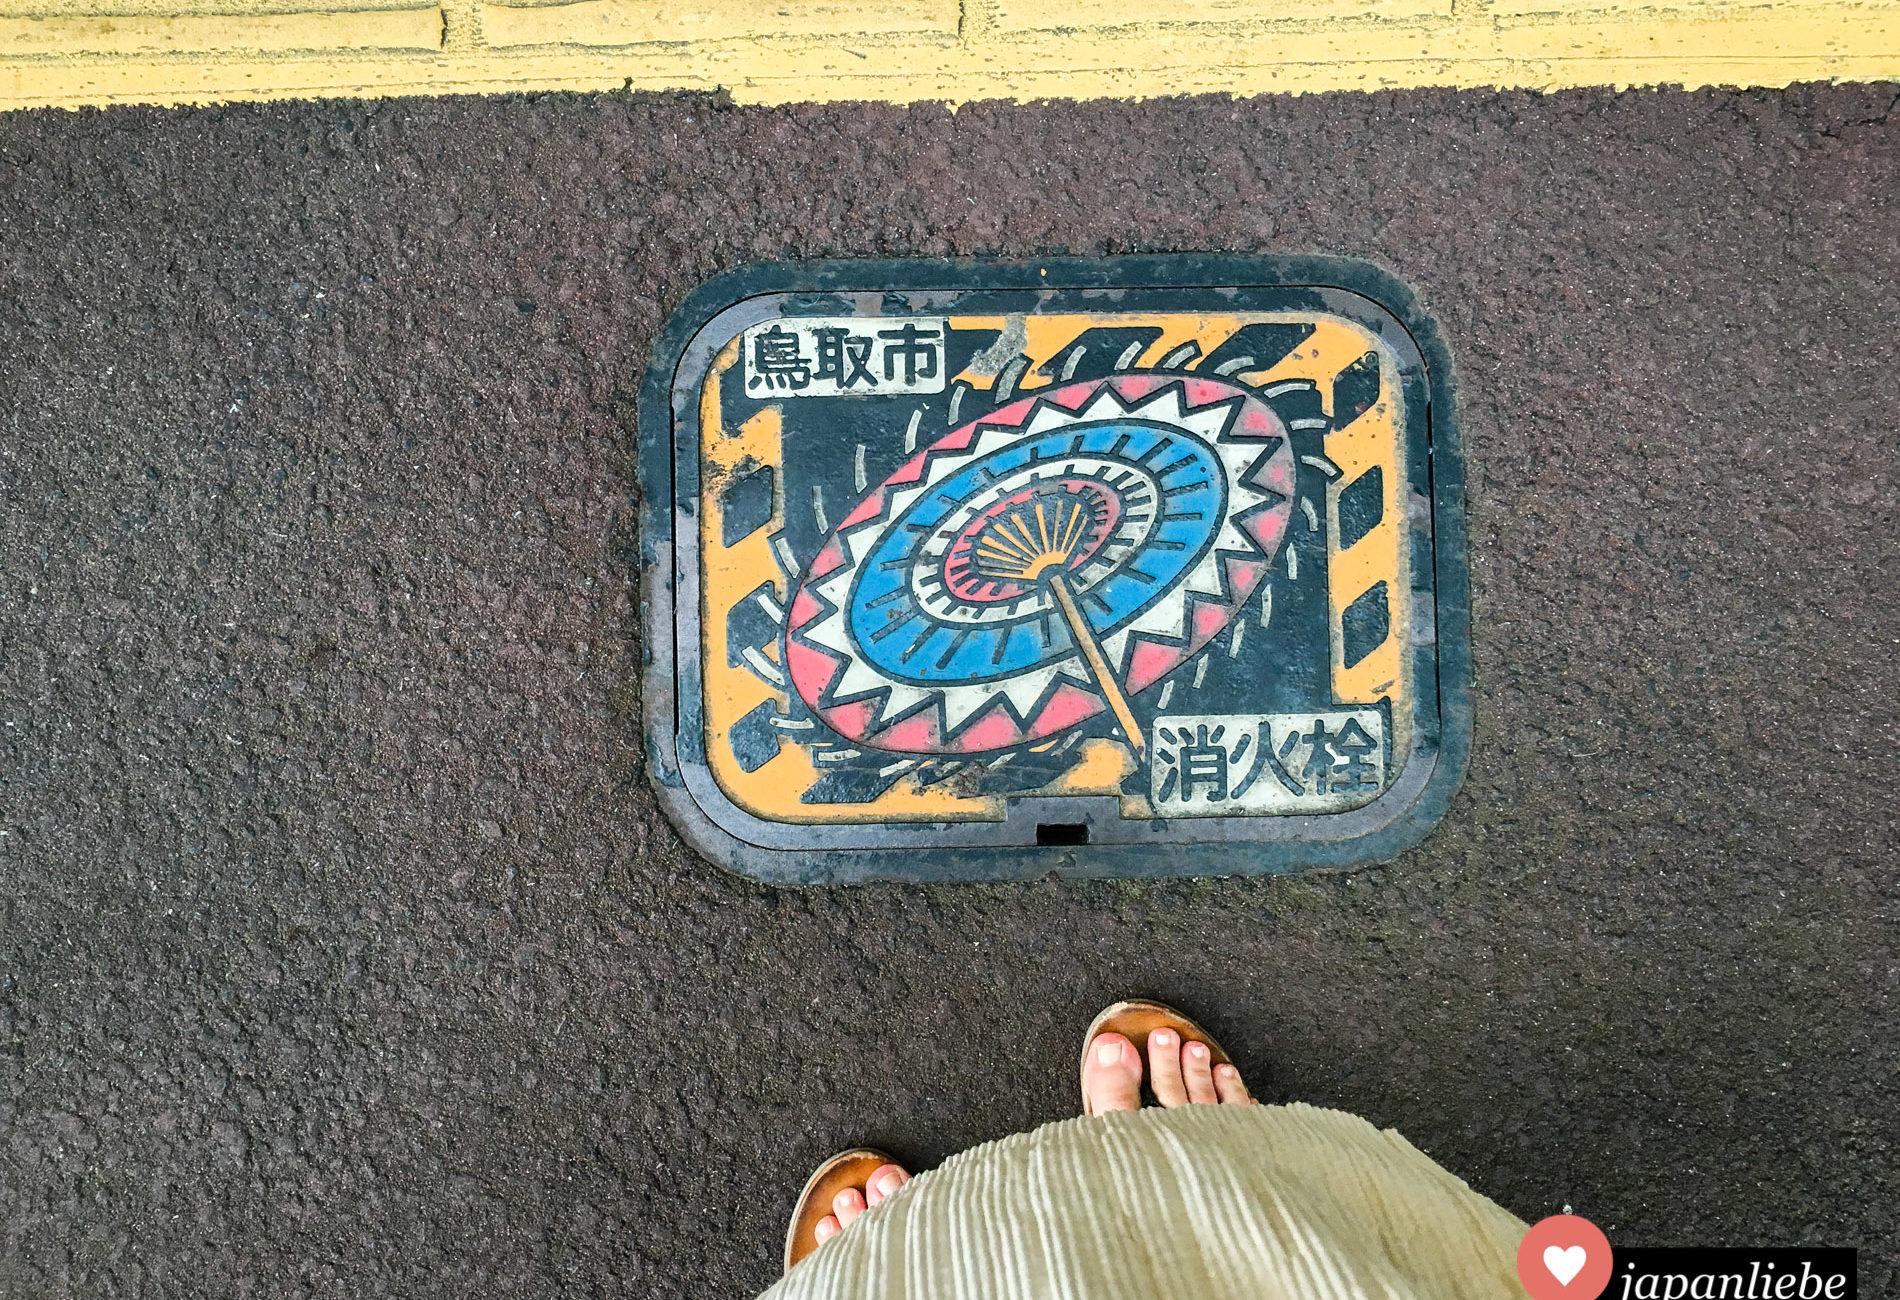 Ein Löschwasser-Kanaldeckel in der japanischen Stadt Tottori zeigt einen bunten Shanshan-Papierschirm.